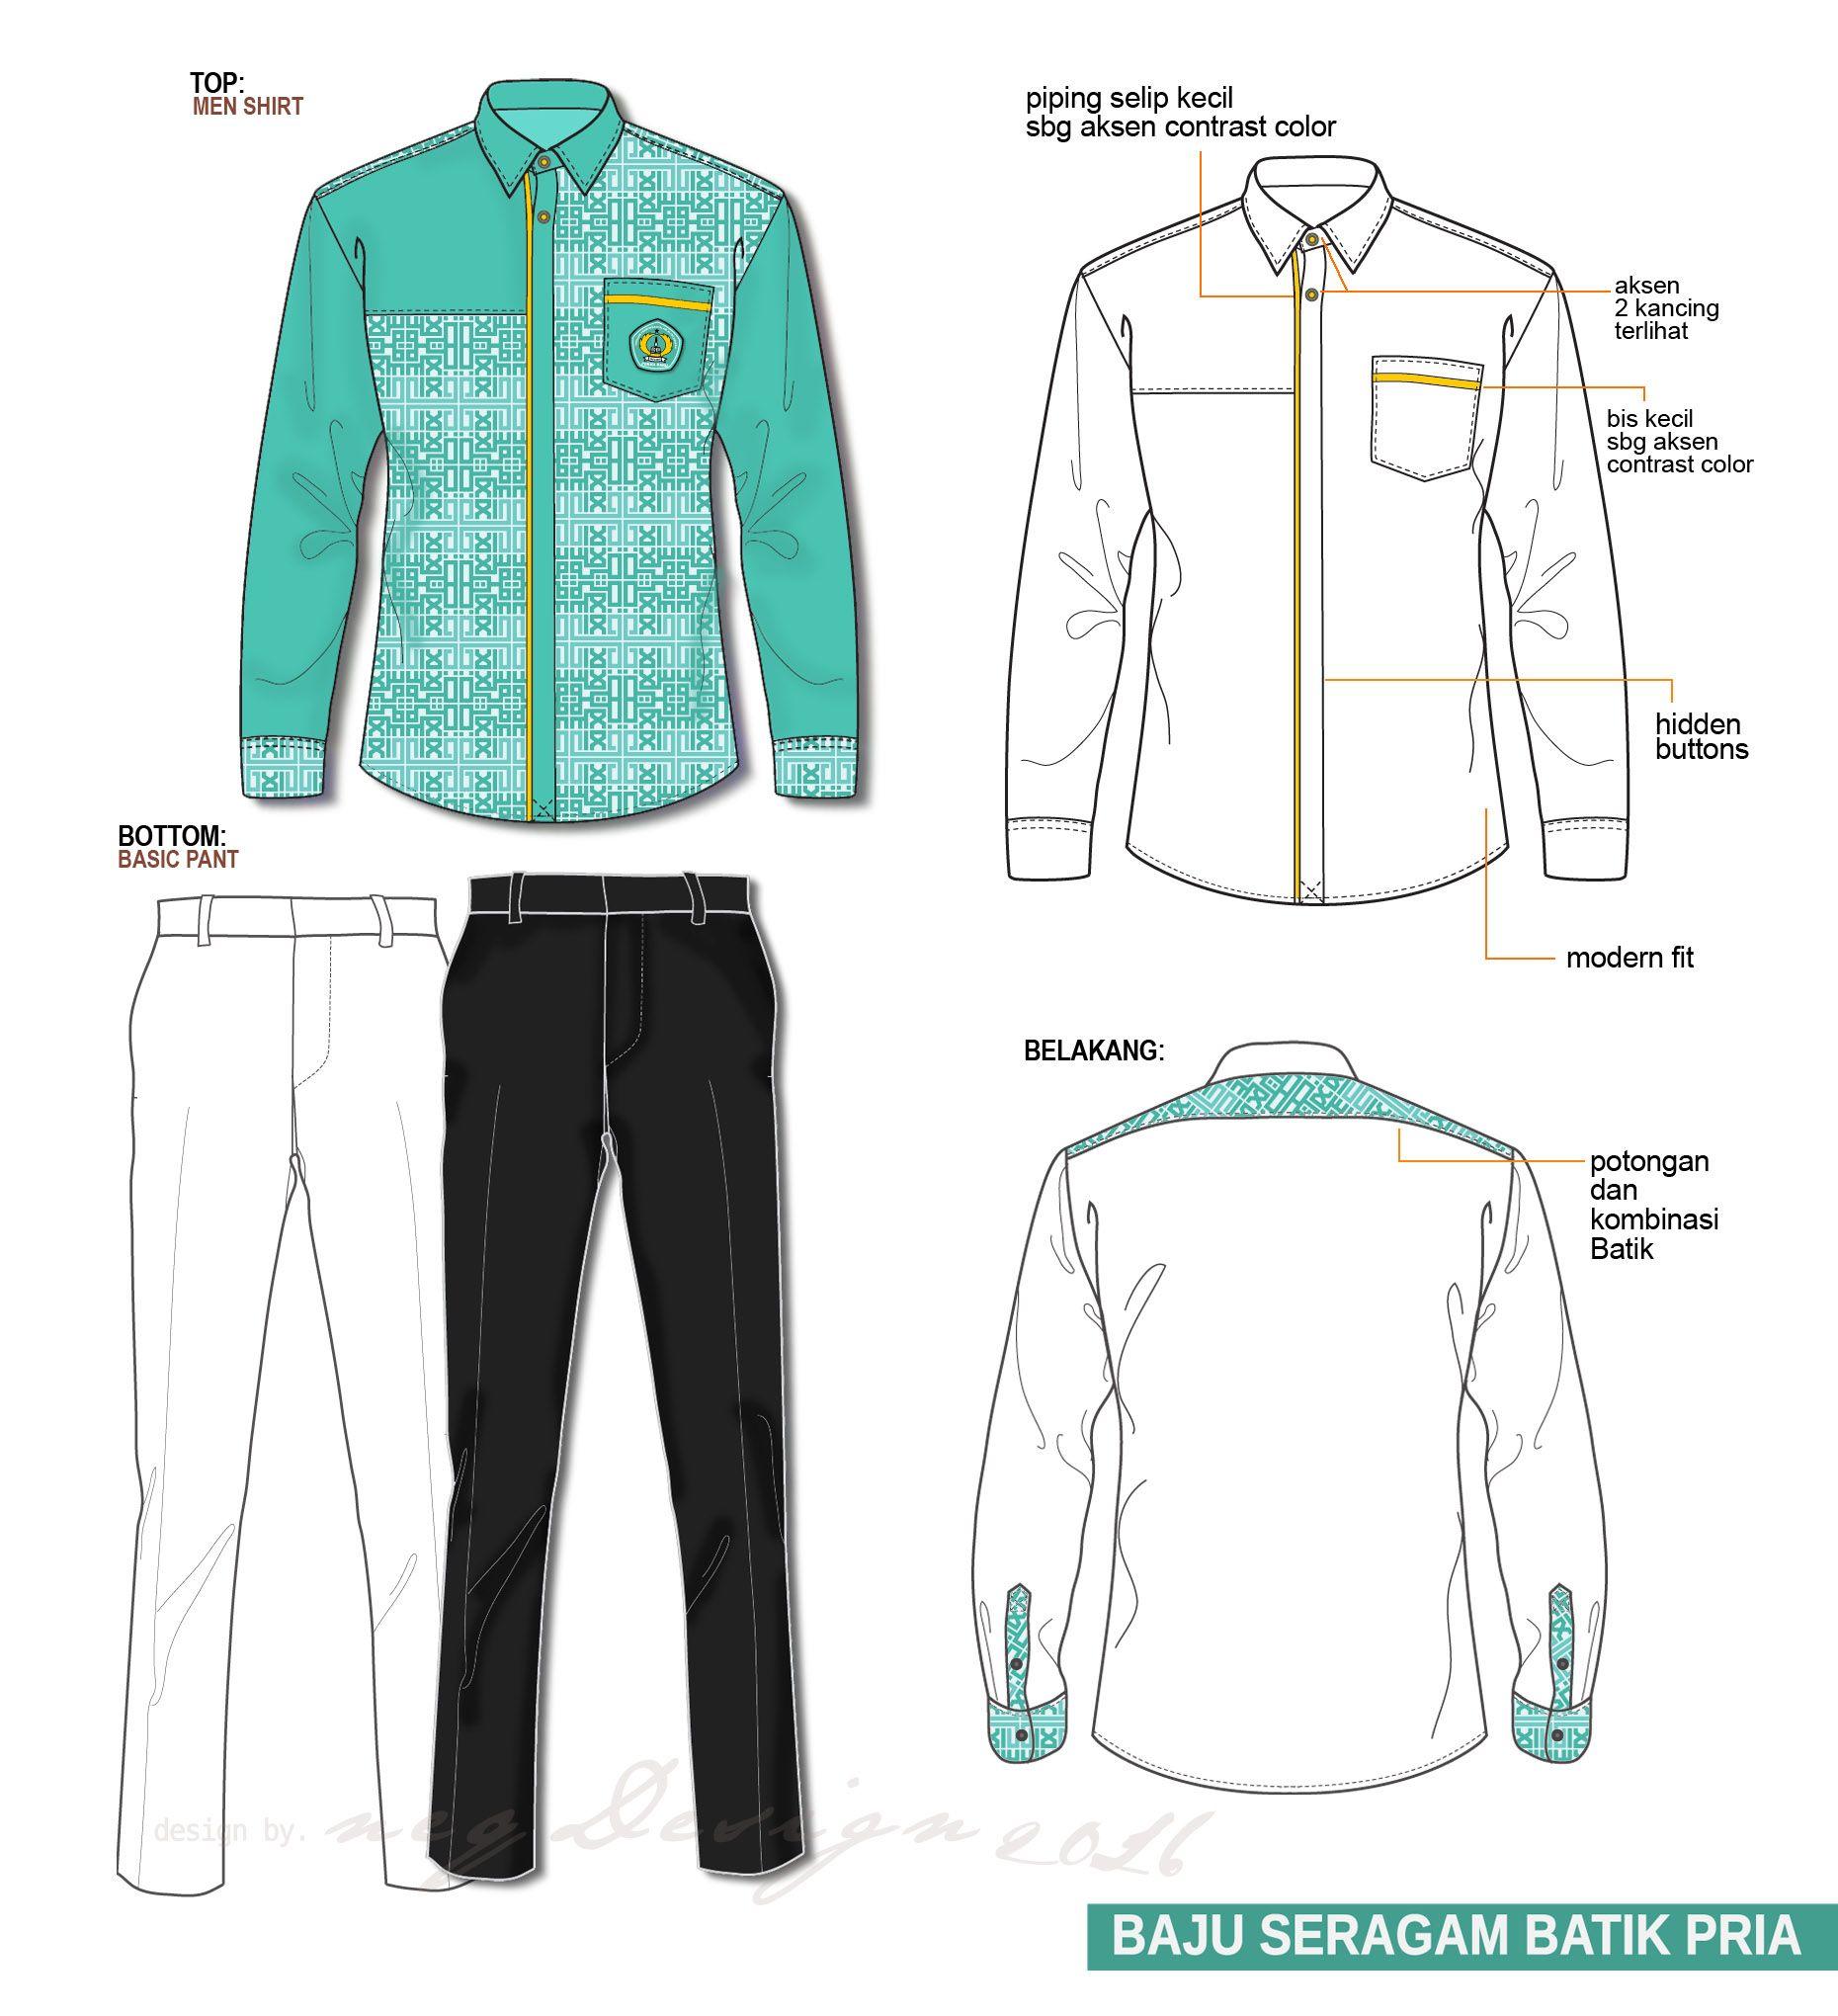 Desain Baju Seragam / Kemeja Pria / Men Shirts / Batik